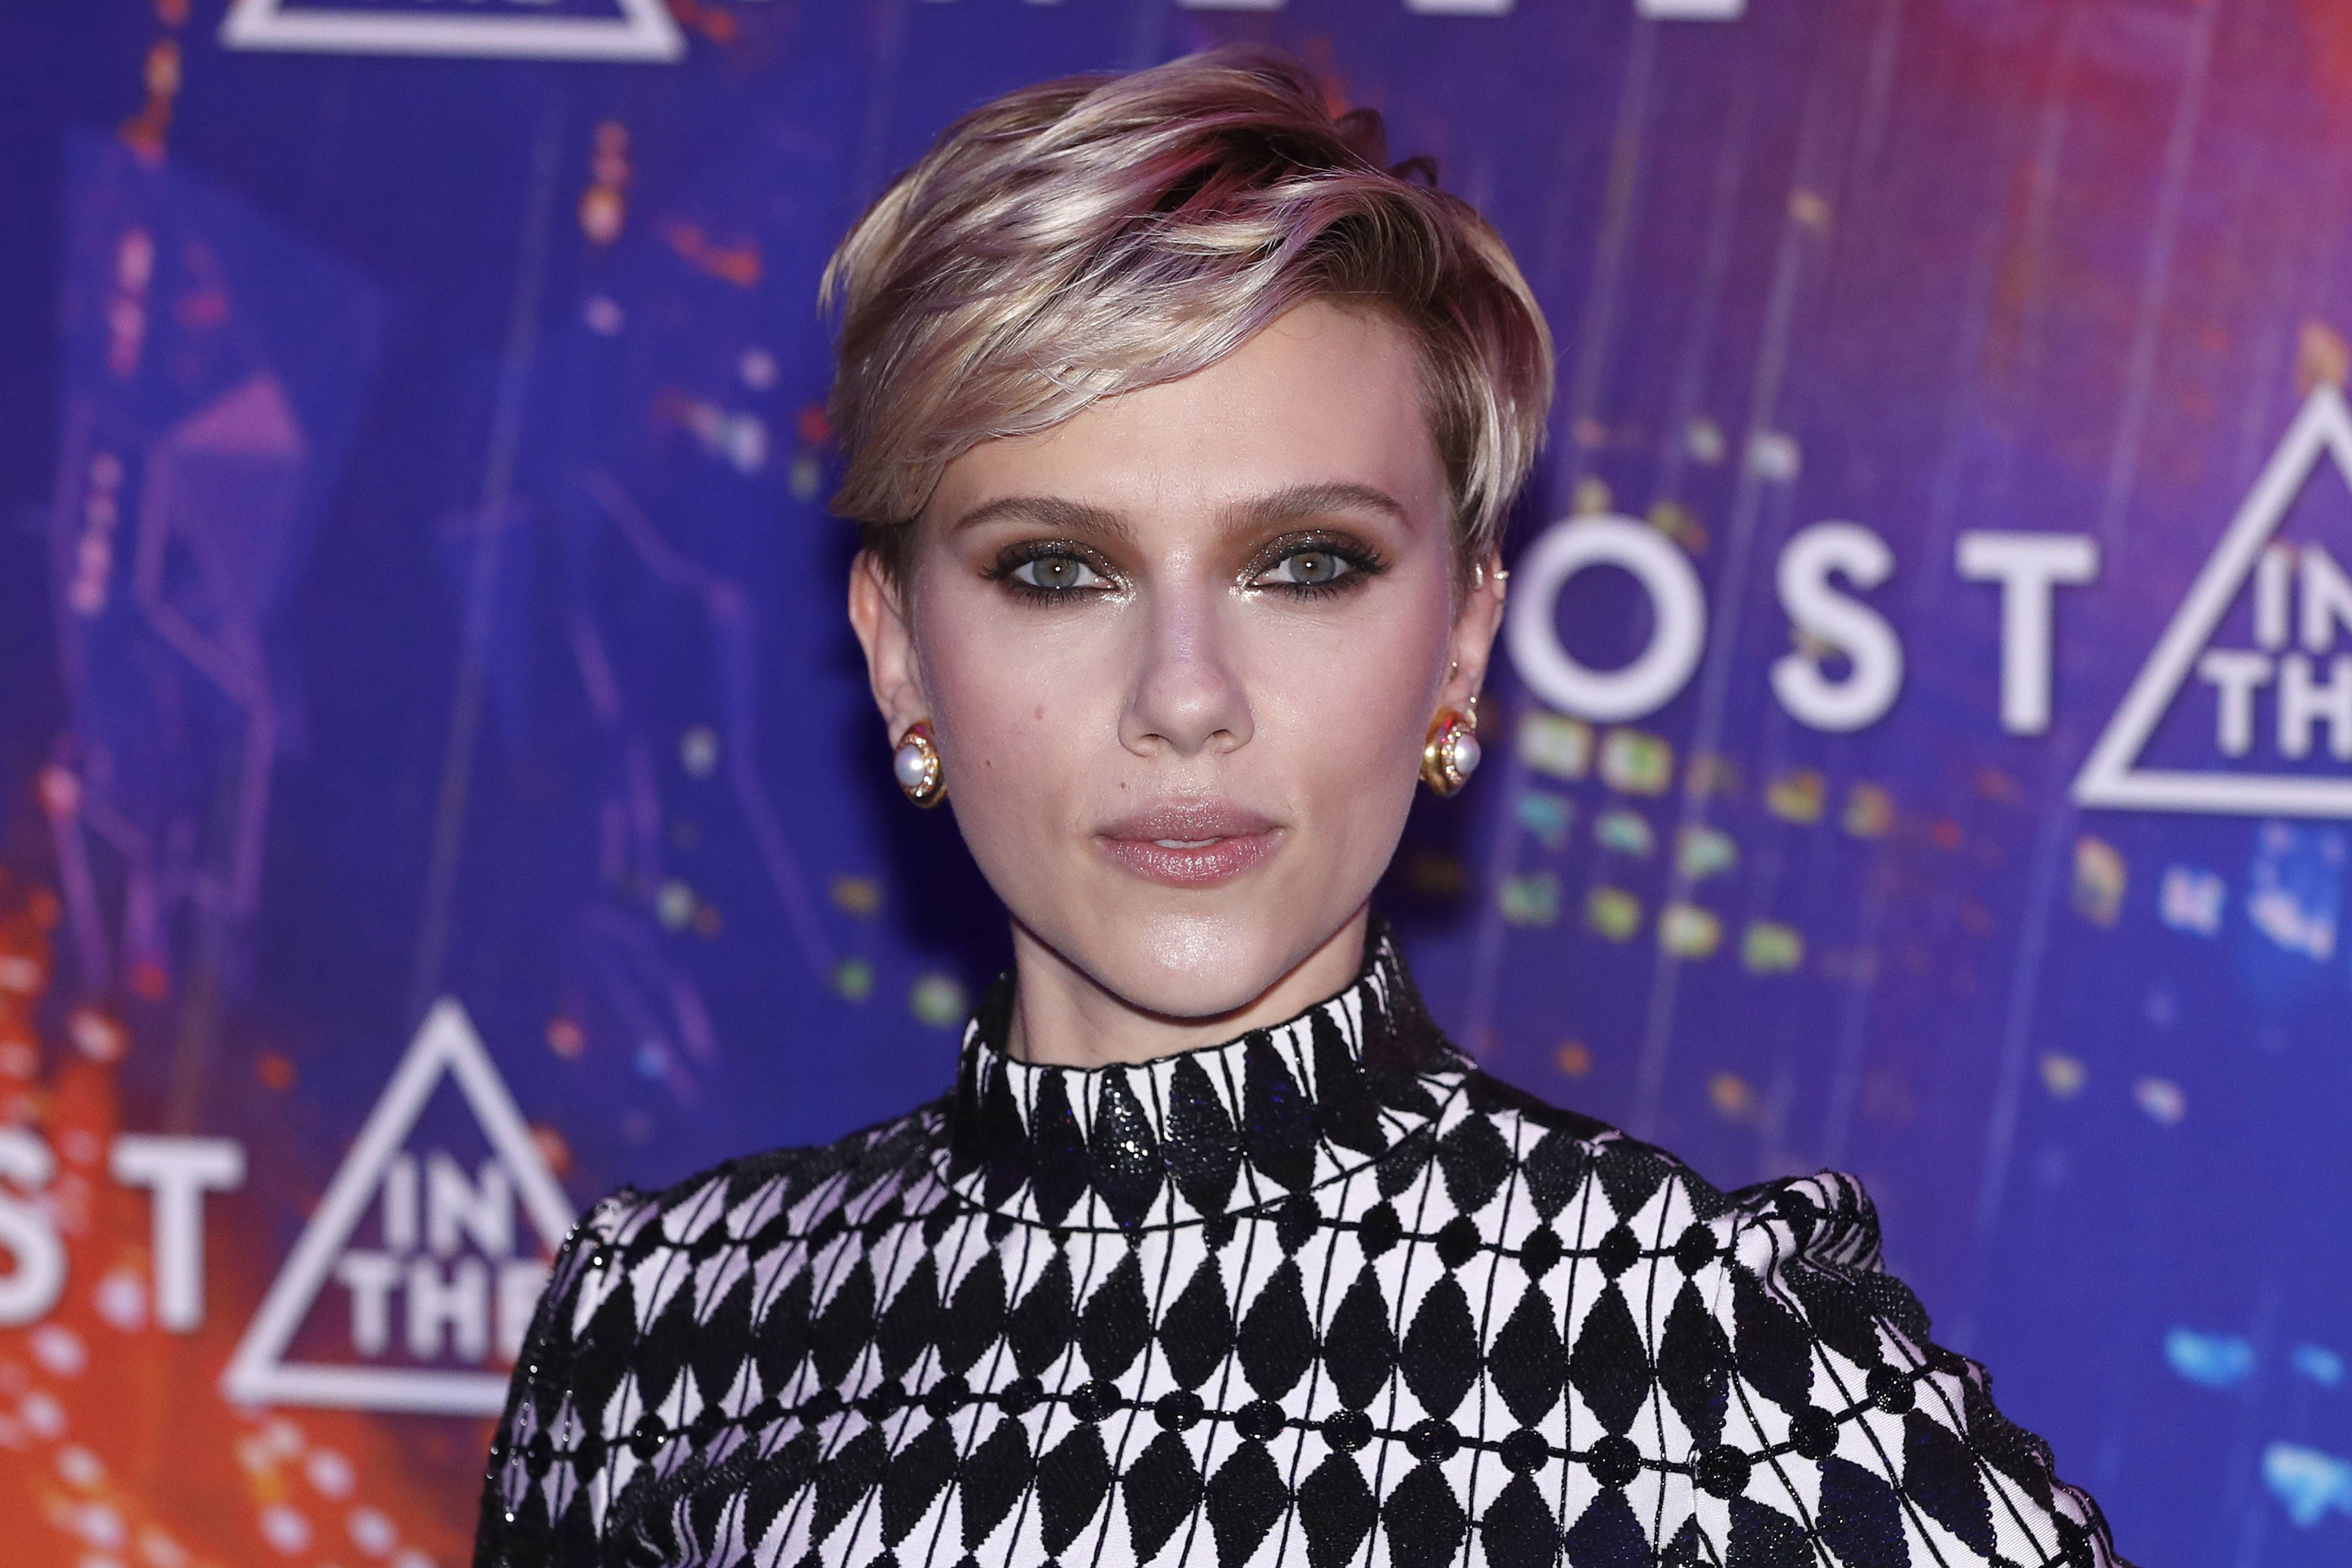 Η Scarlett Johansson αναγκάστηκε να απαντήσει εάν τελικά έκανε οντισιόν για να γίνει η αγαπημένη του Tom Cruise